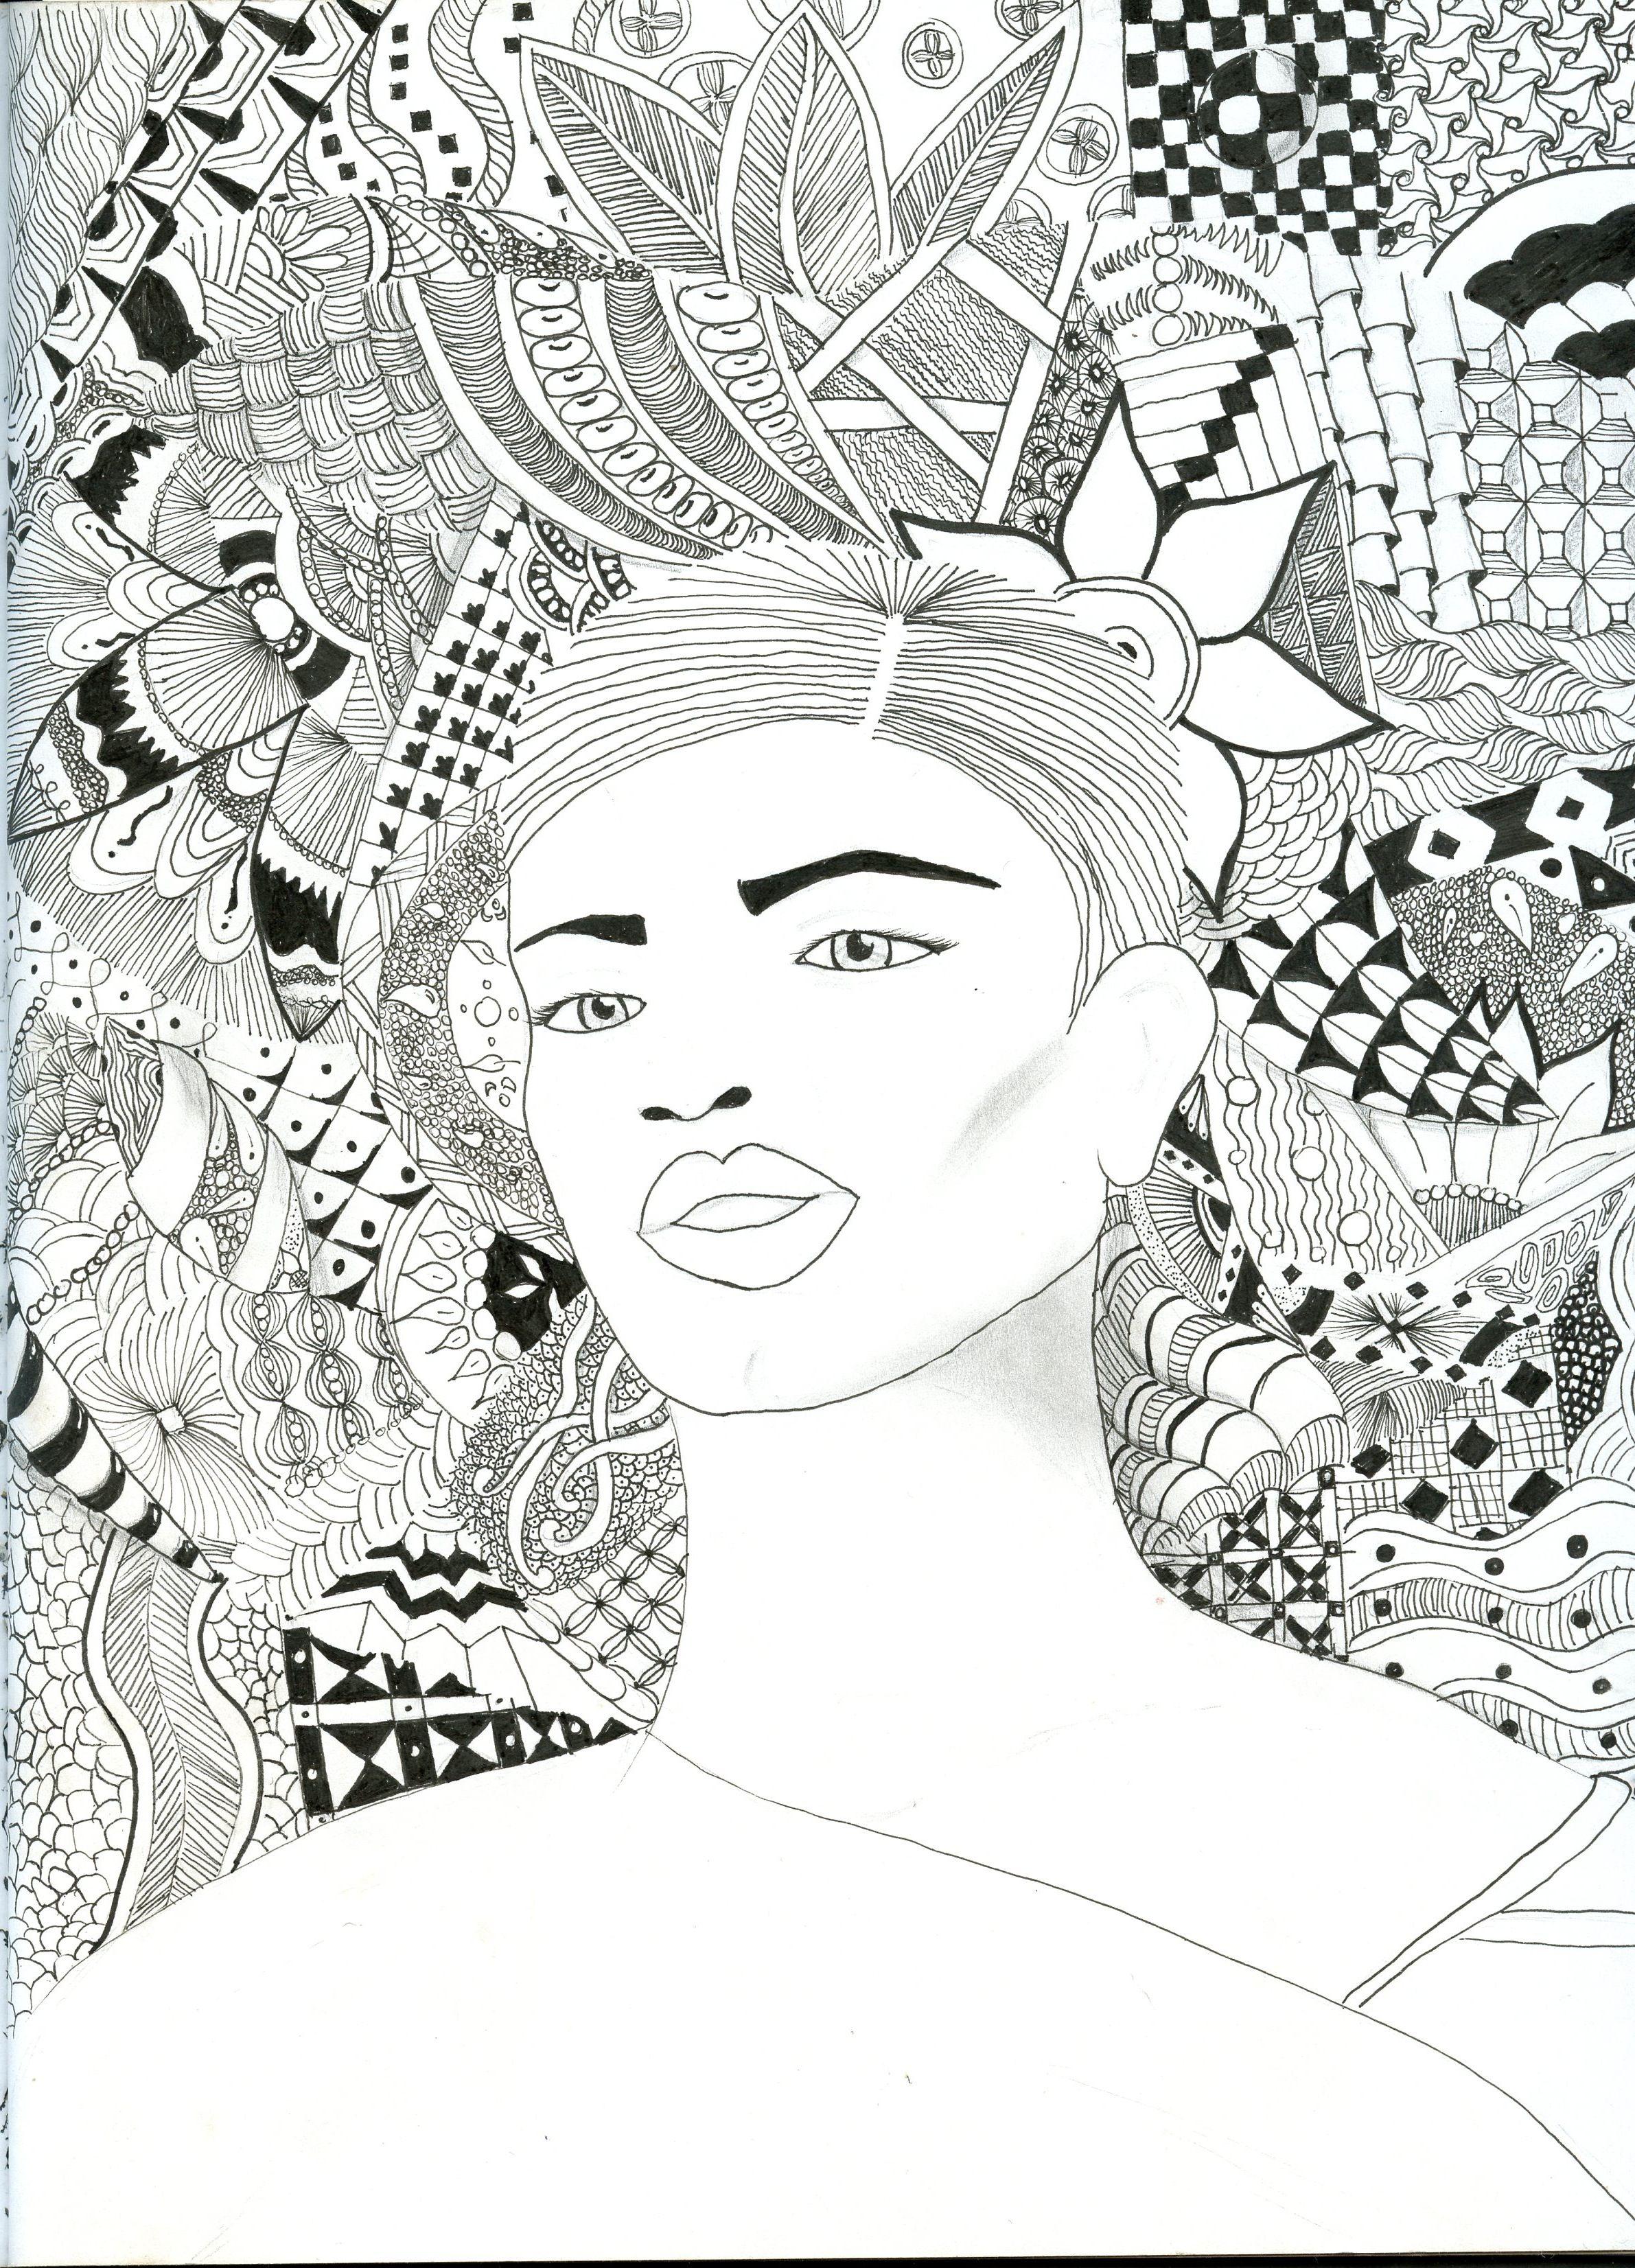 Zentangle Background Ink And Pencil Www Andreaagosto Com Tekenen